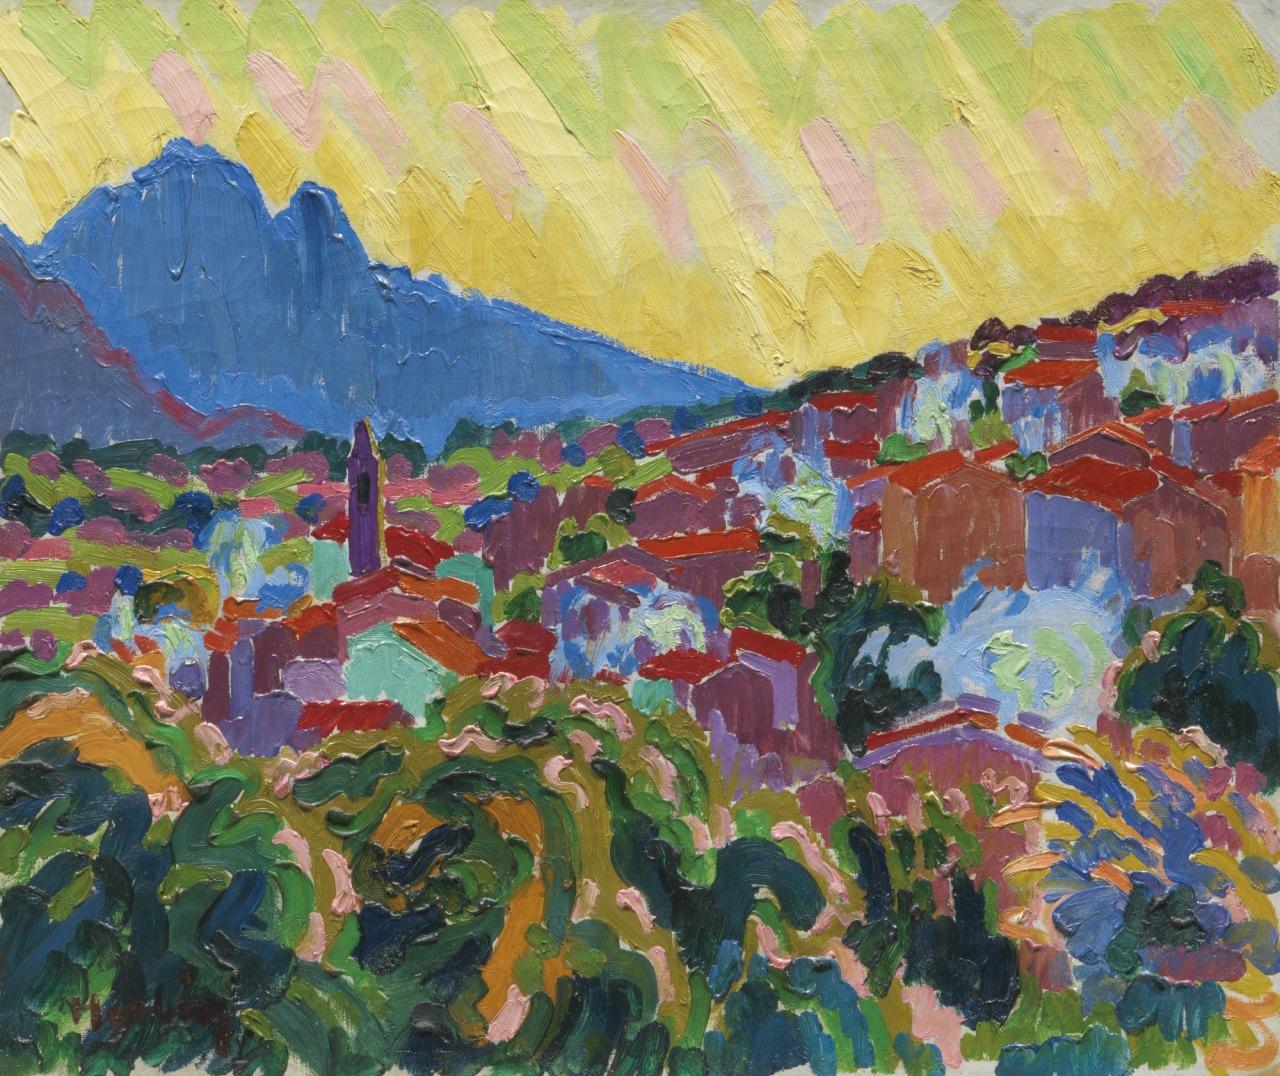 lawrenceleemagnuson:Auguste Herbin (1882-1960)Vue d'un village Corse - View of a Corsican village (1907)oil on canvas 46.3 by 55.2cm